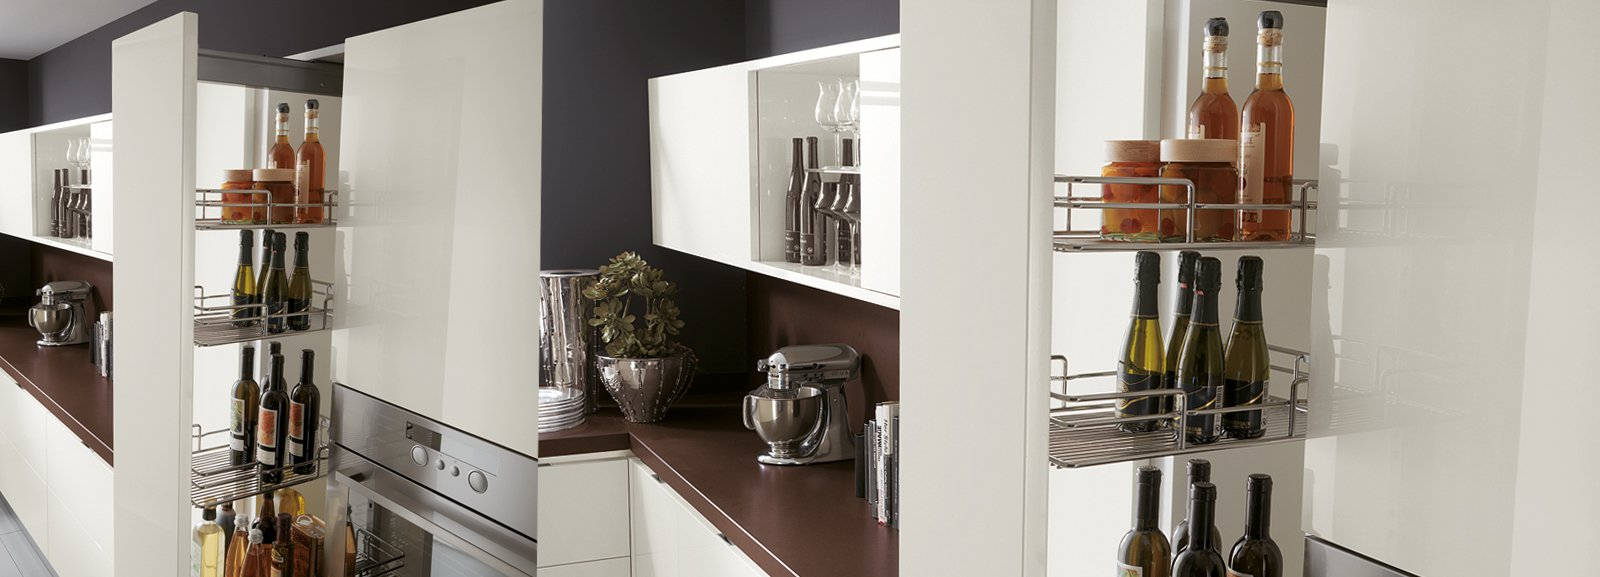 Cucina che moduli scelgo per la dispensa cose di casa - Moduli per cucine componibili ...